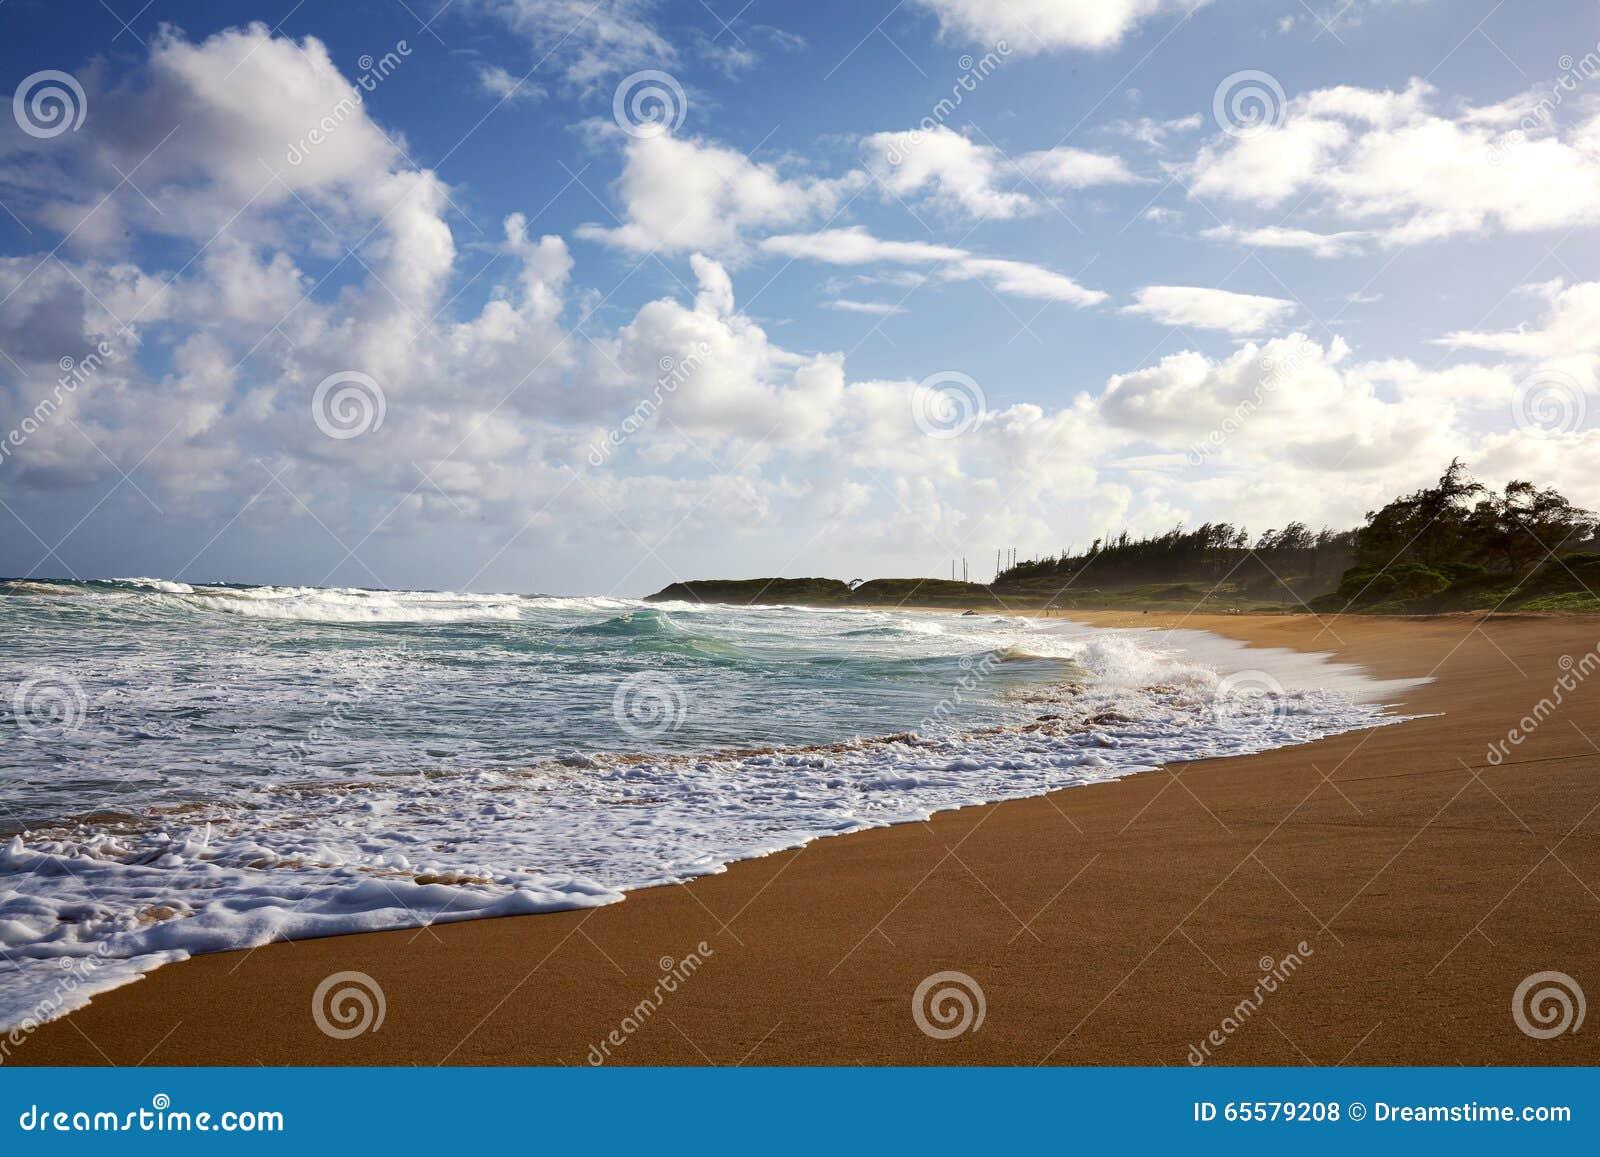 Kauai, Havaí escava um túnel a praia